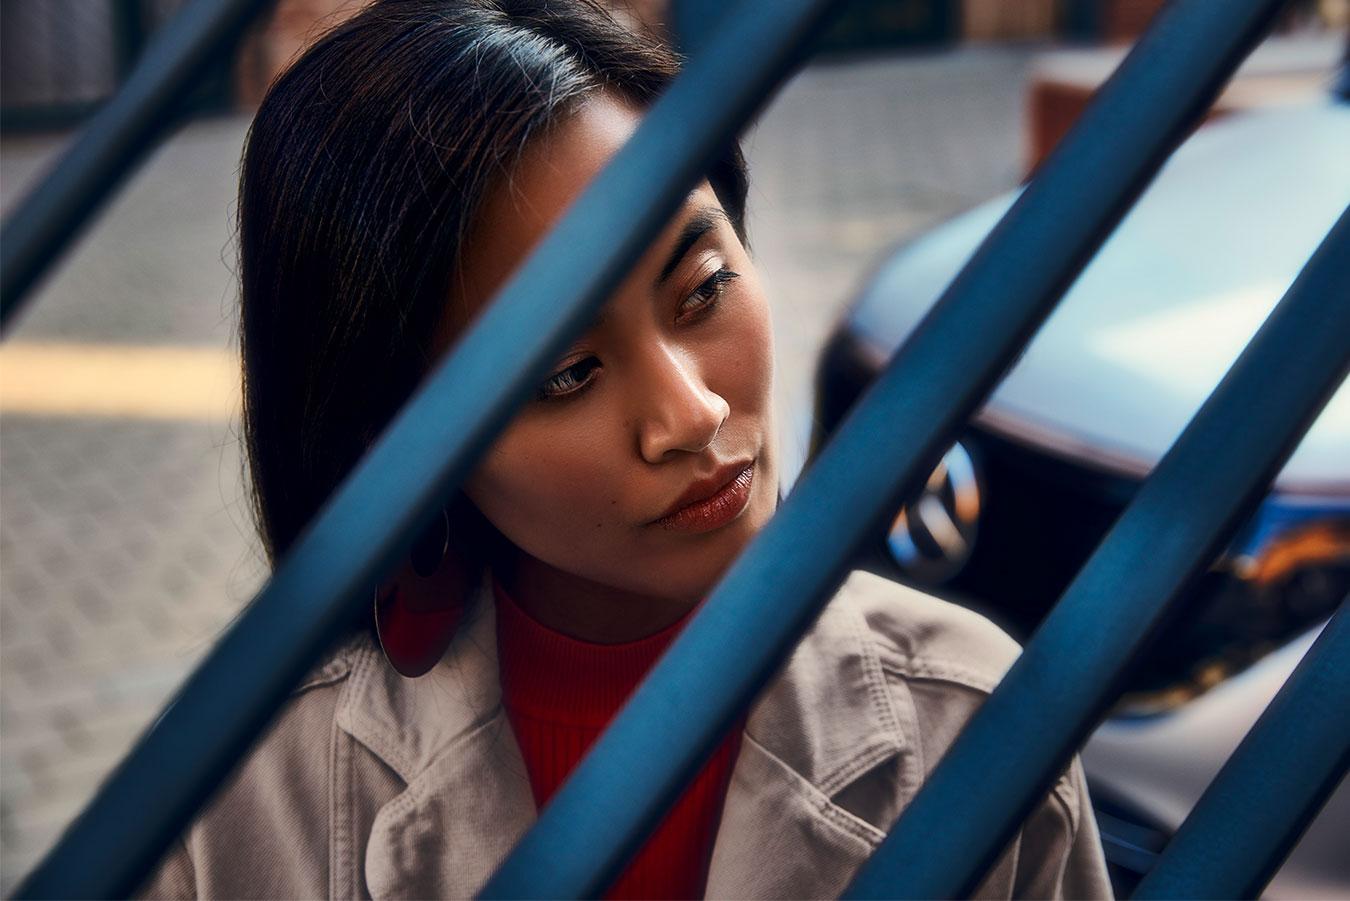 Eine junge Frau sieht durch ein Geländer. Im Hintergrund steht ein Mercedes.